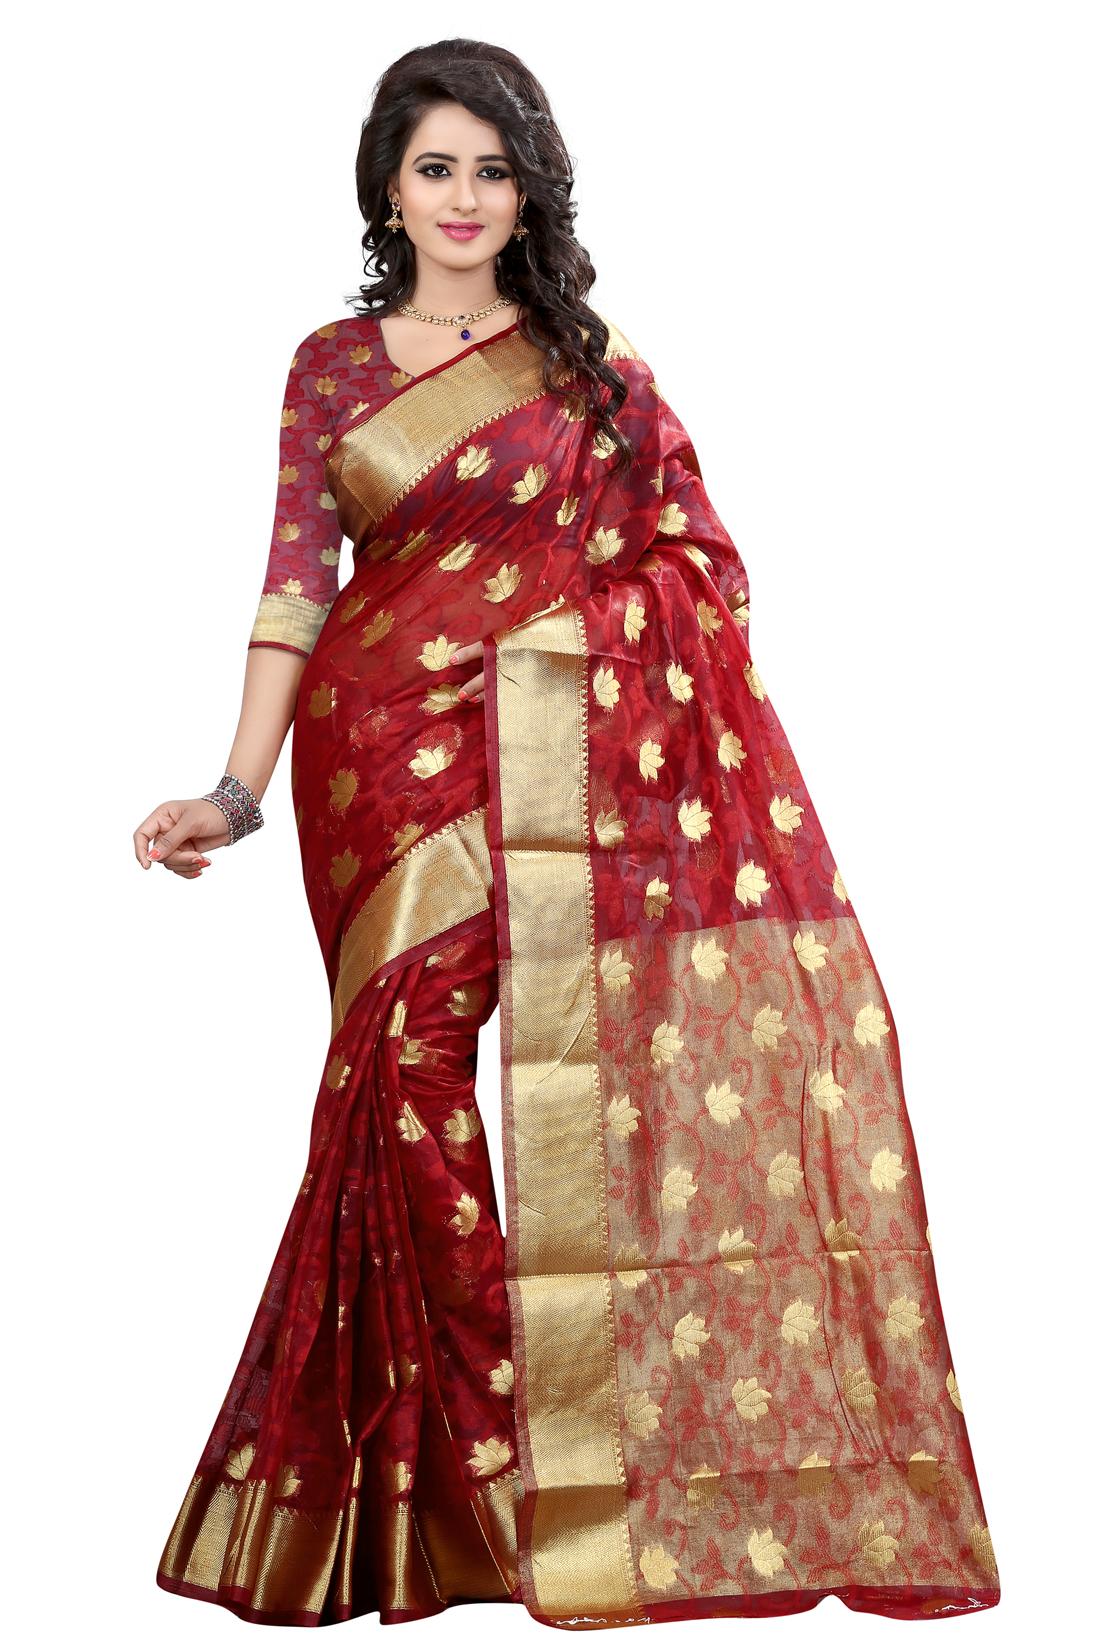 banarasi-sarees-designs-11